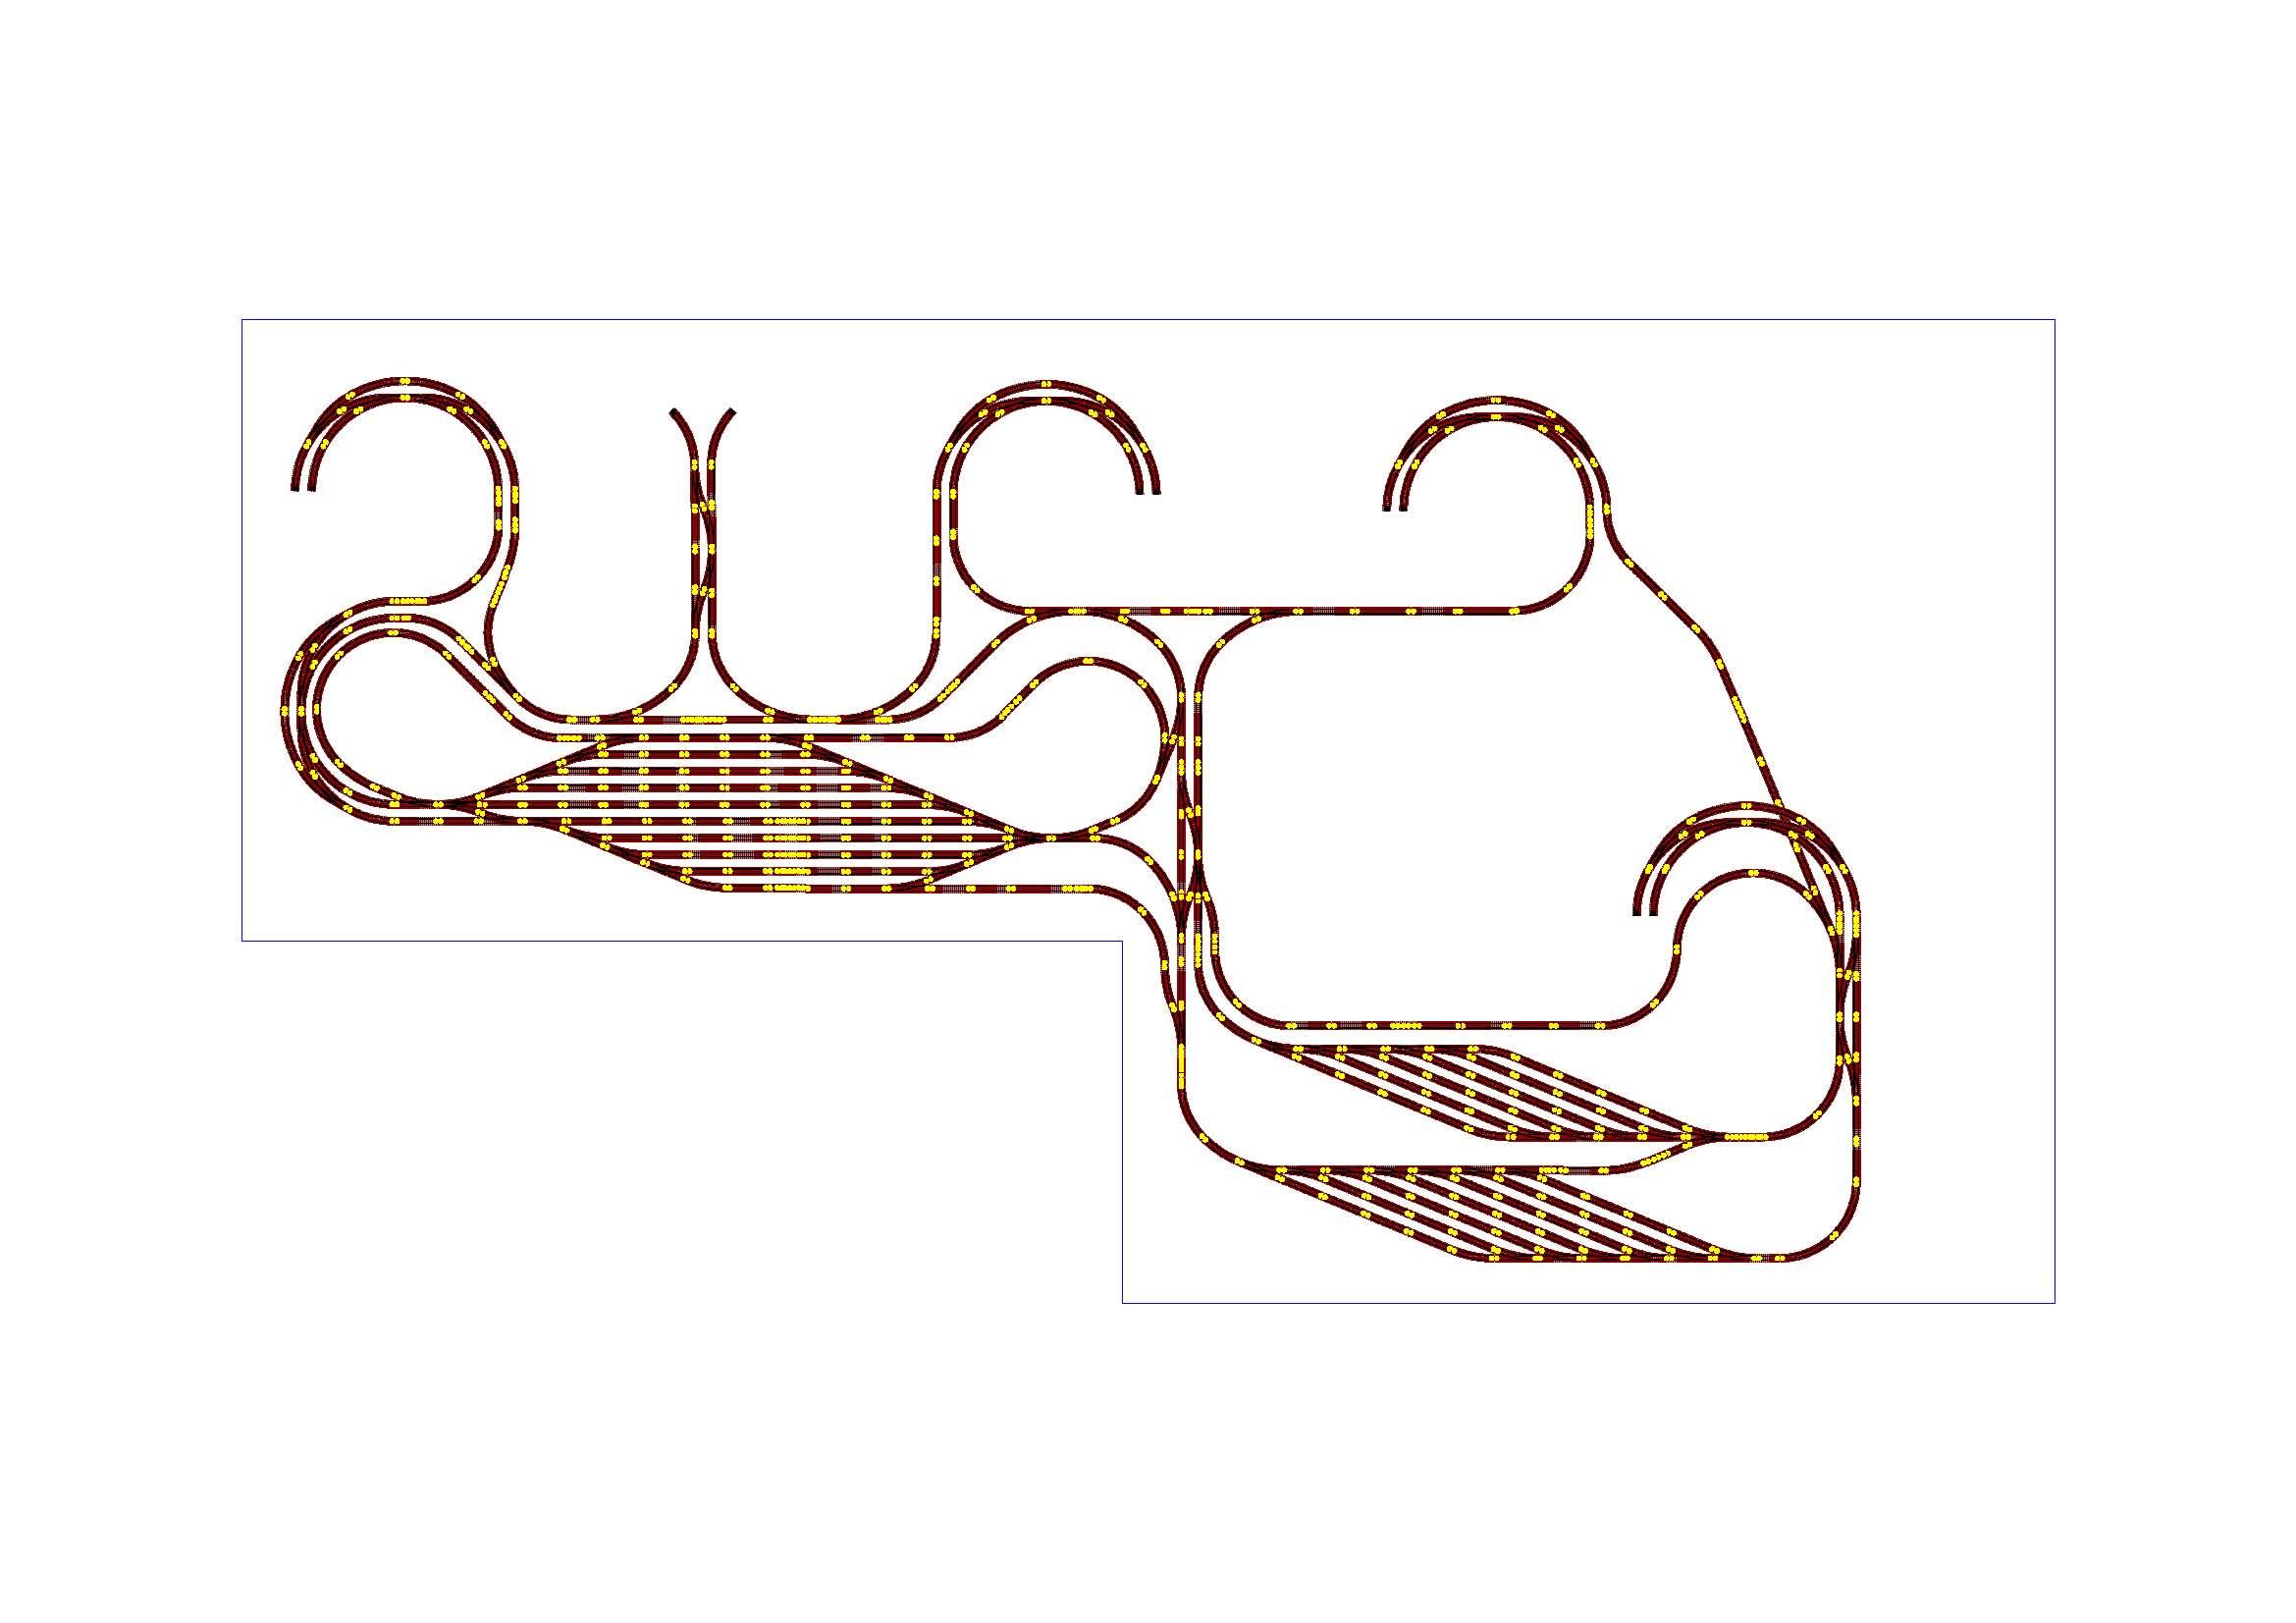 http://www.moba-trickkiste.de/components/com_agora/img/members/242/Schattenbahnhof---Version-01.jpg